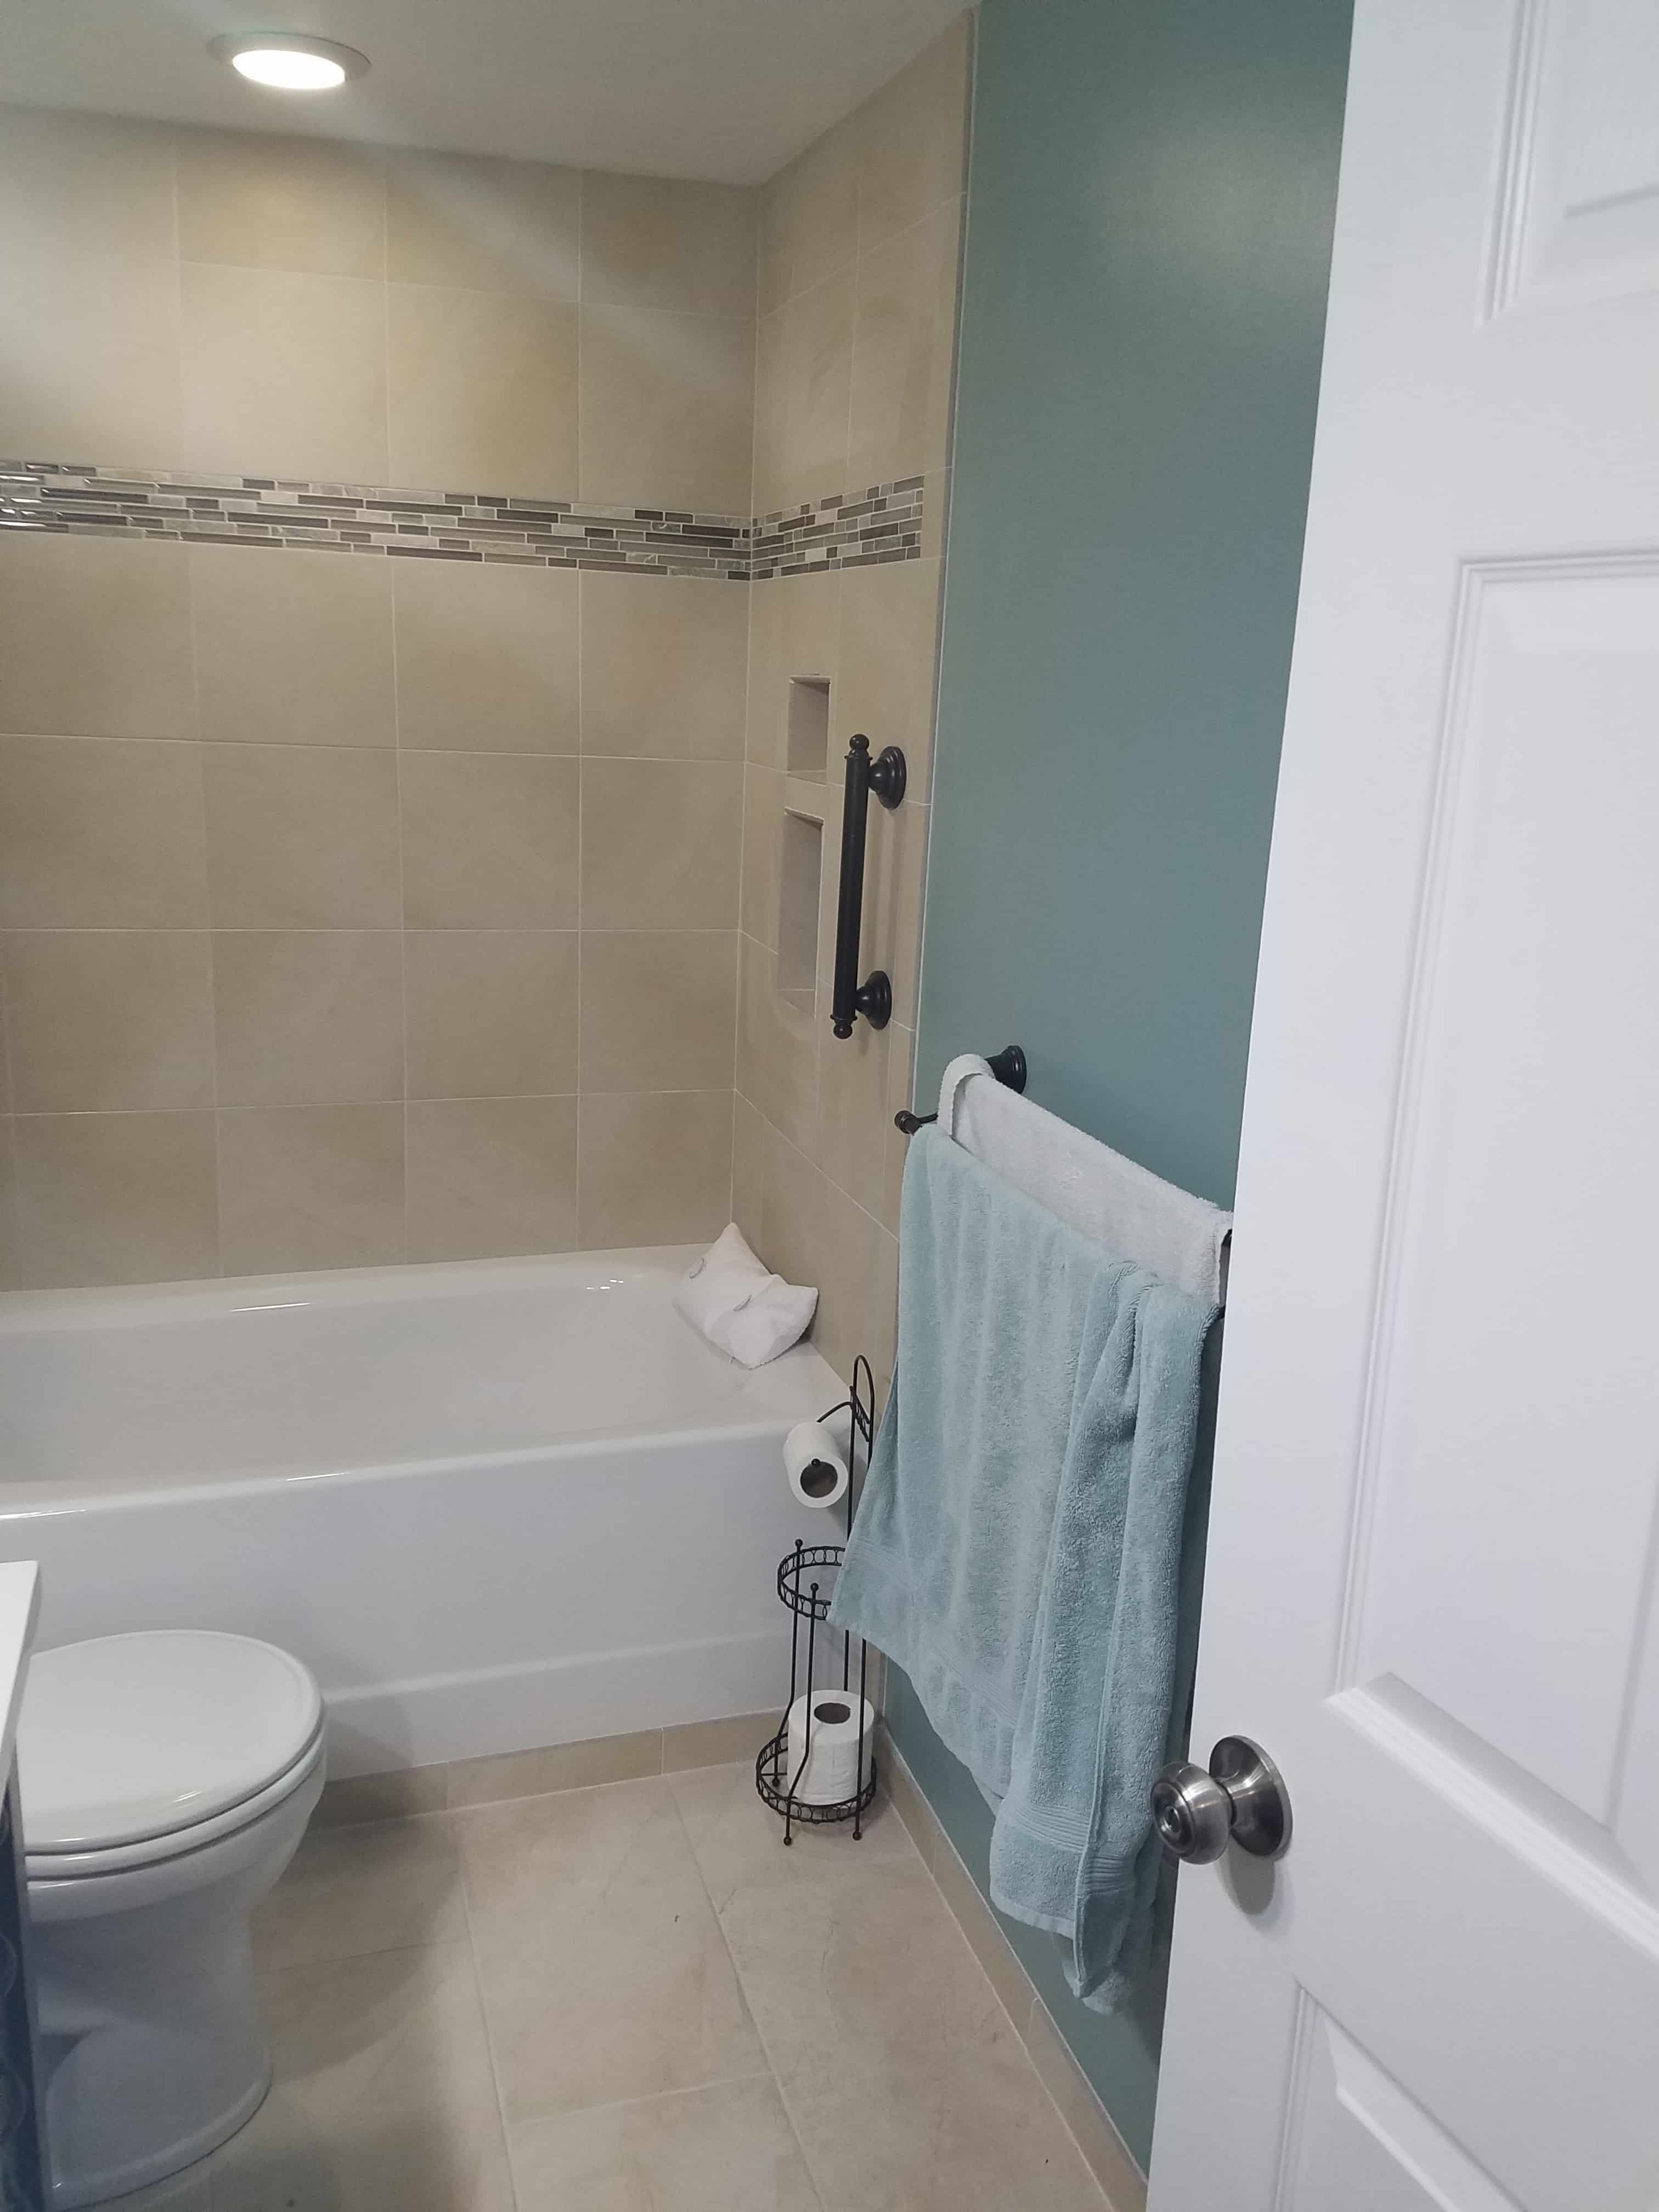 https://0201.nccdn.net/1_2/000/000/174/825/BathroomDetails-min-3024x4032.jpg